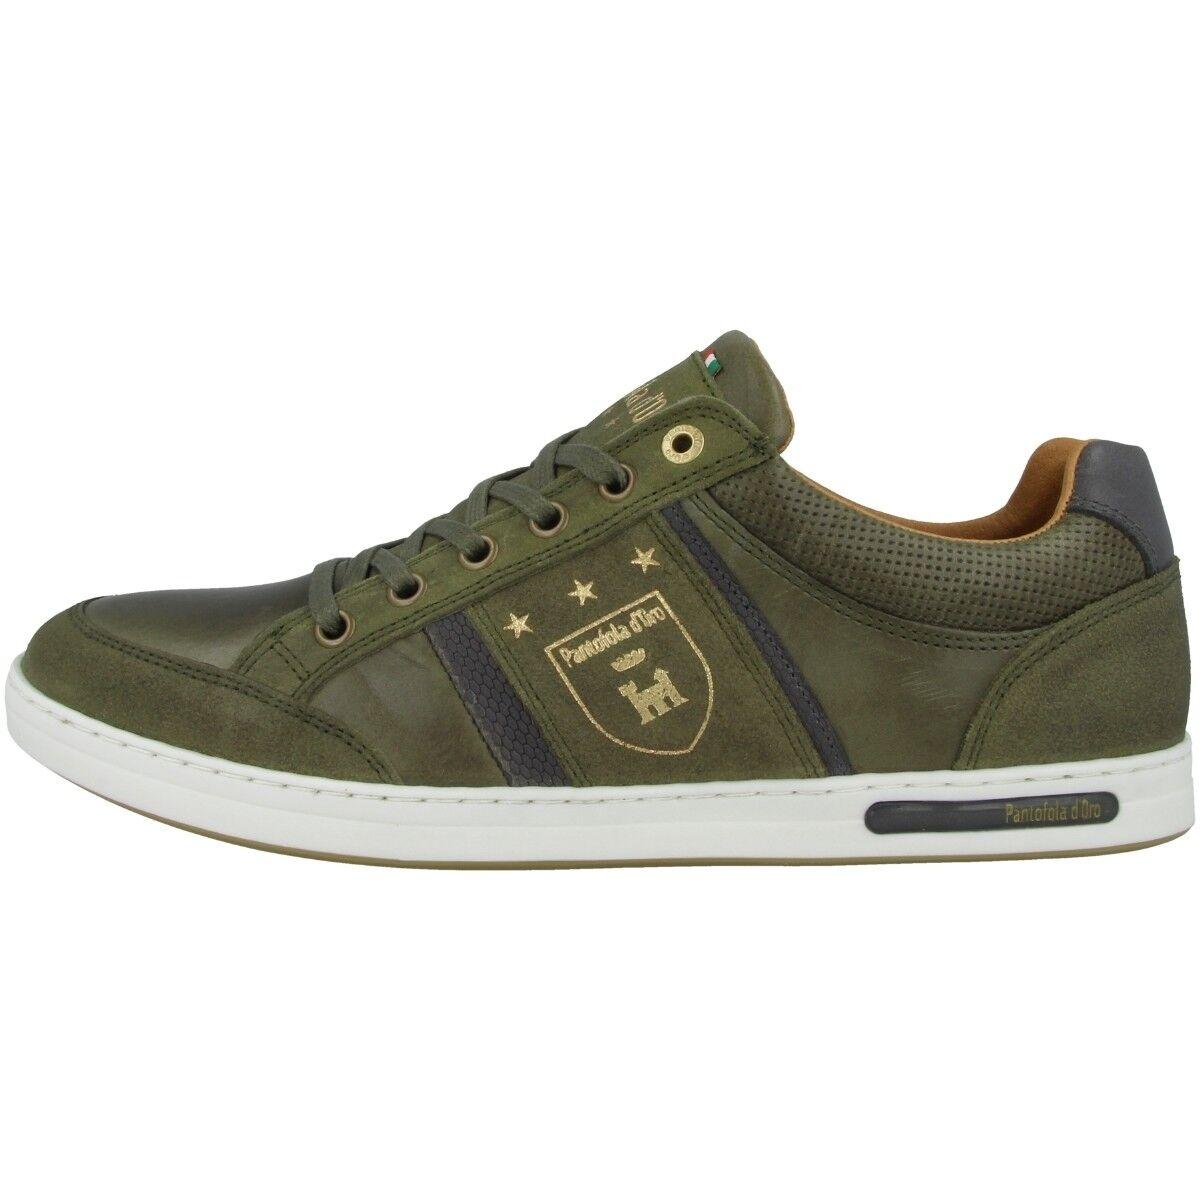 Pantofola D gold Mondovi men Low Men ´S shoes Men's Sneakers Olive 10191017.52A